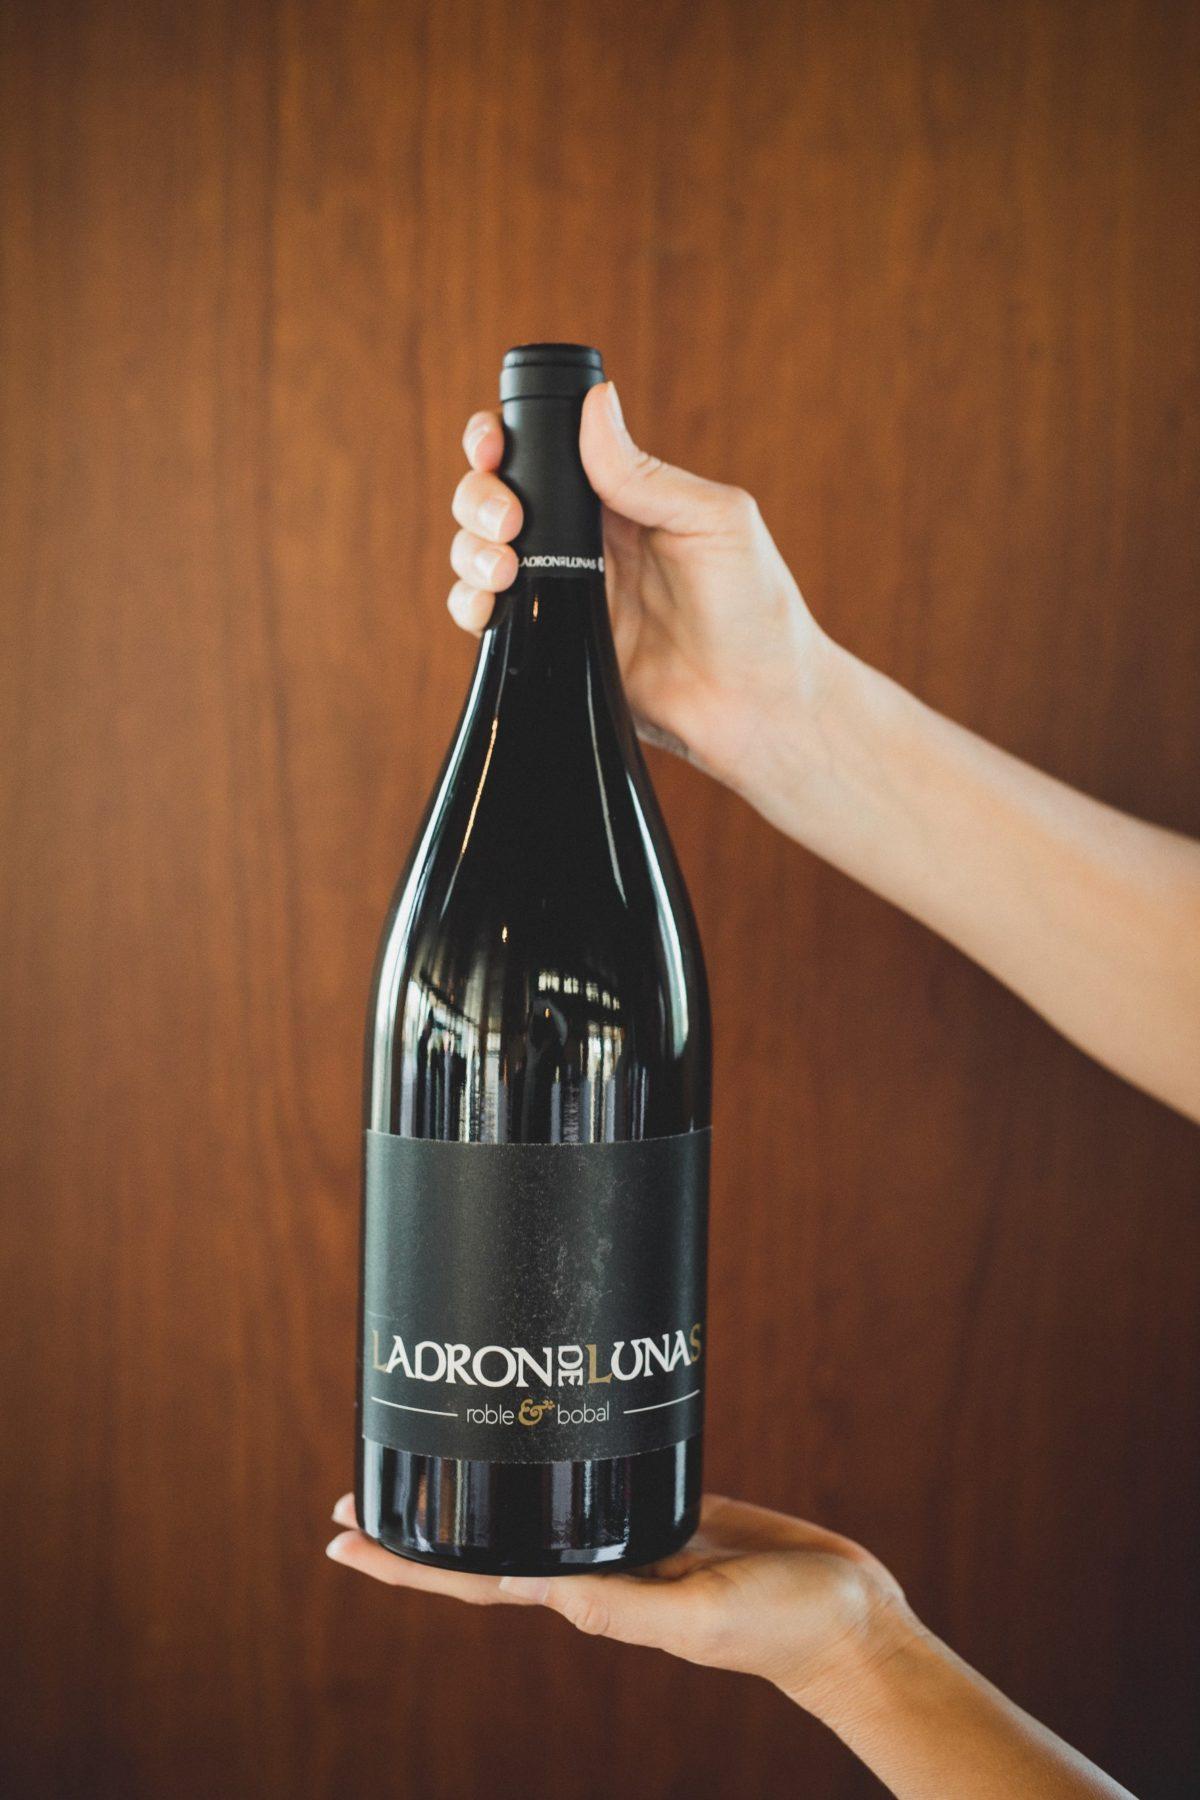 La etiqueta de los vinos, información y diferenciación